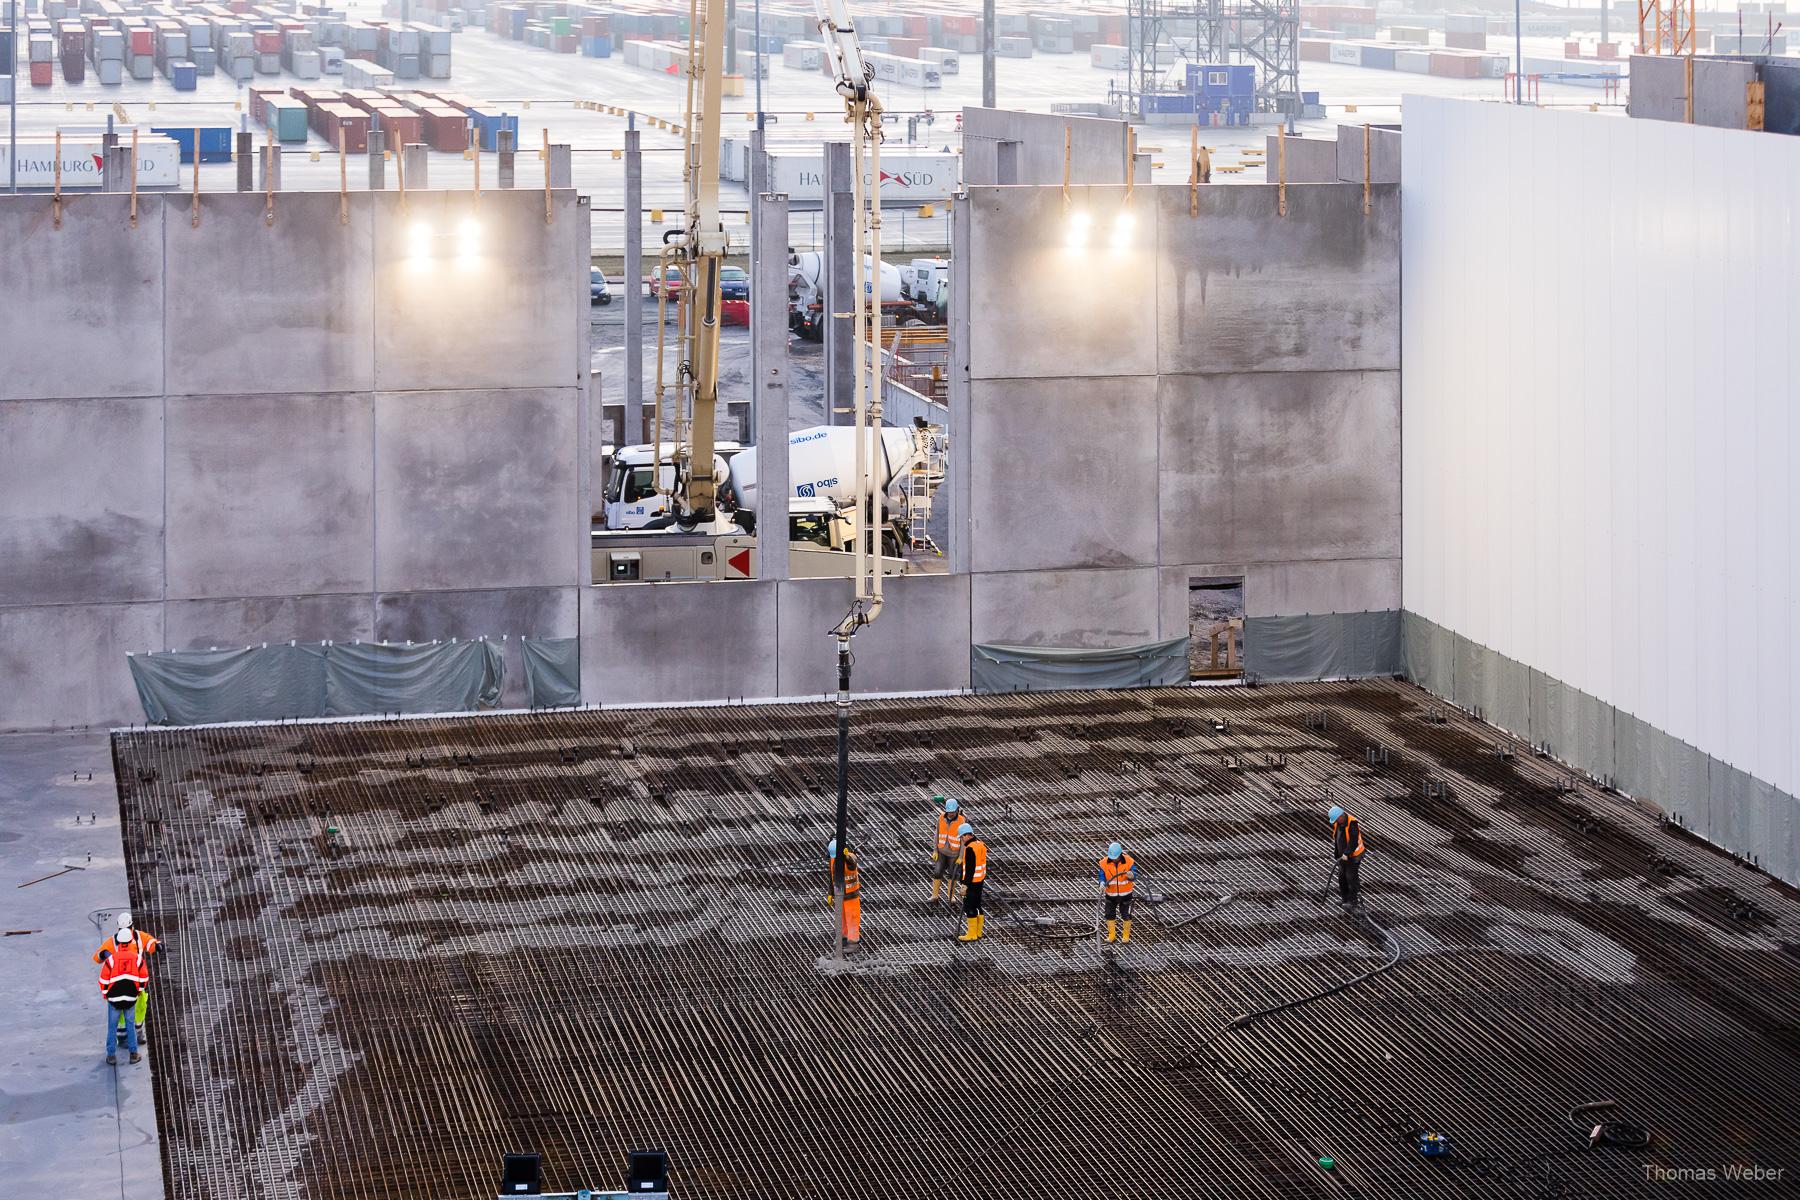 Industriefotos auf einer Großbaustelle, Fotograf Thomas Weber aus Oldenburg